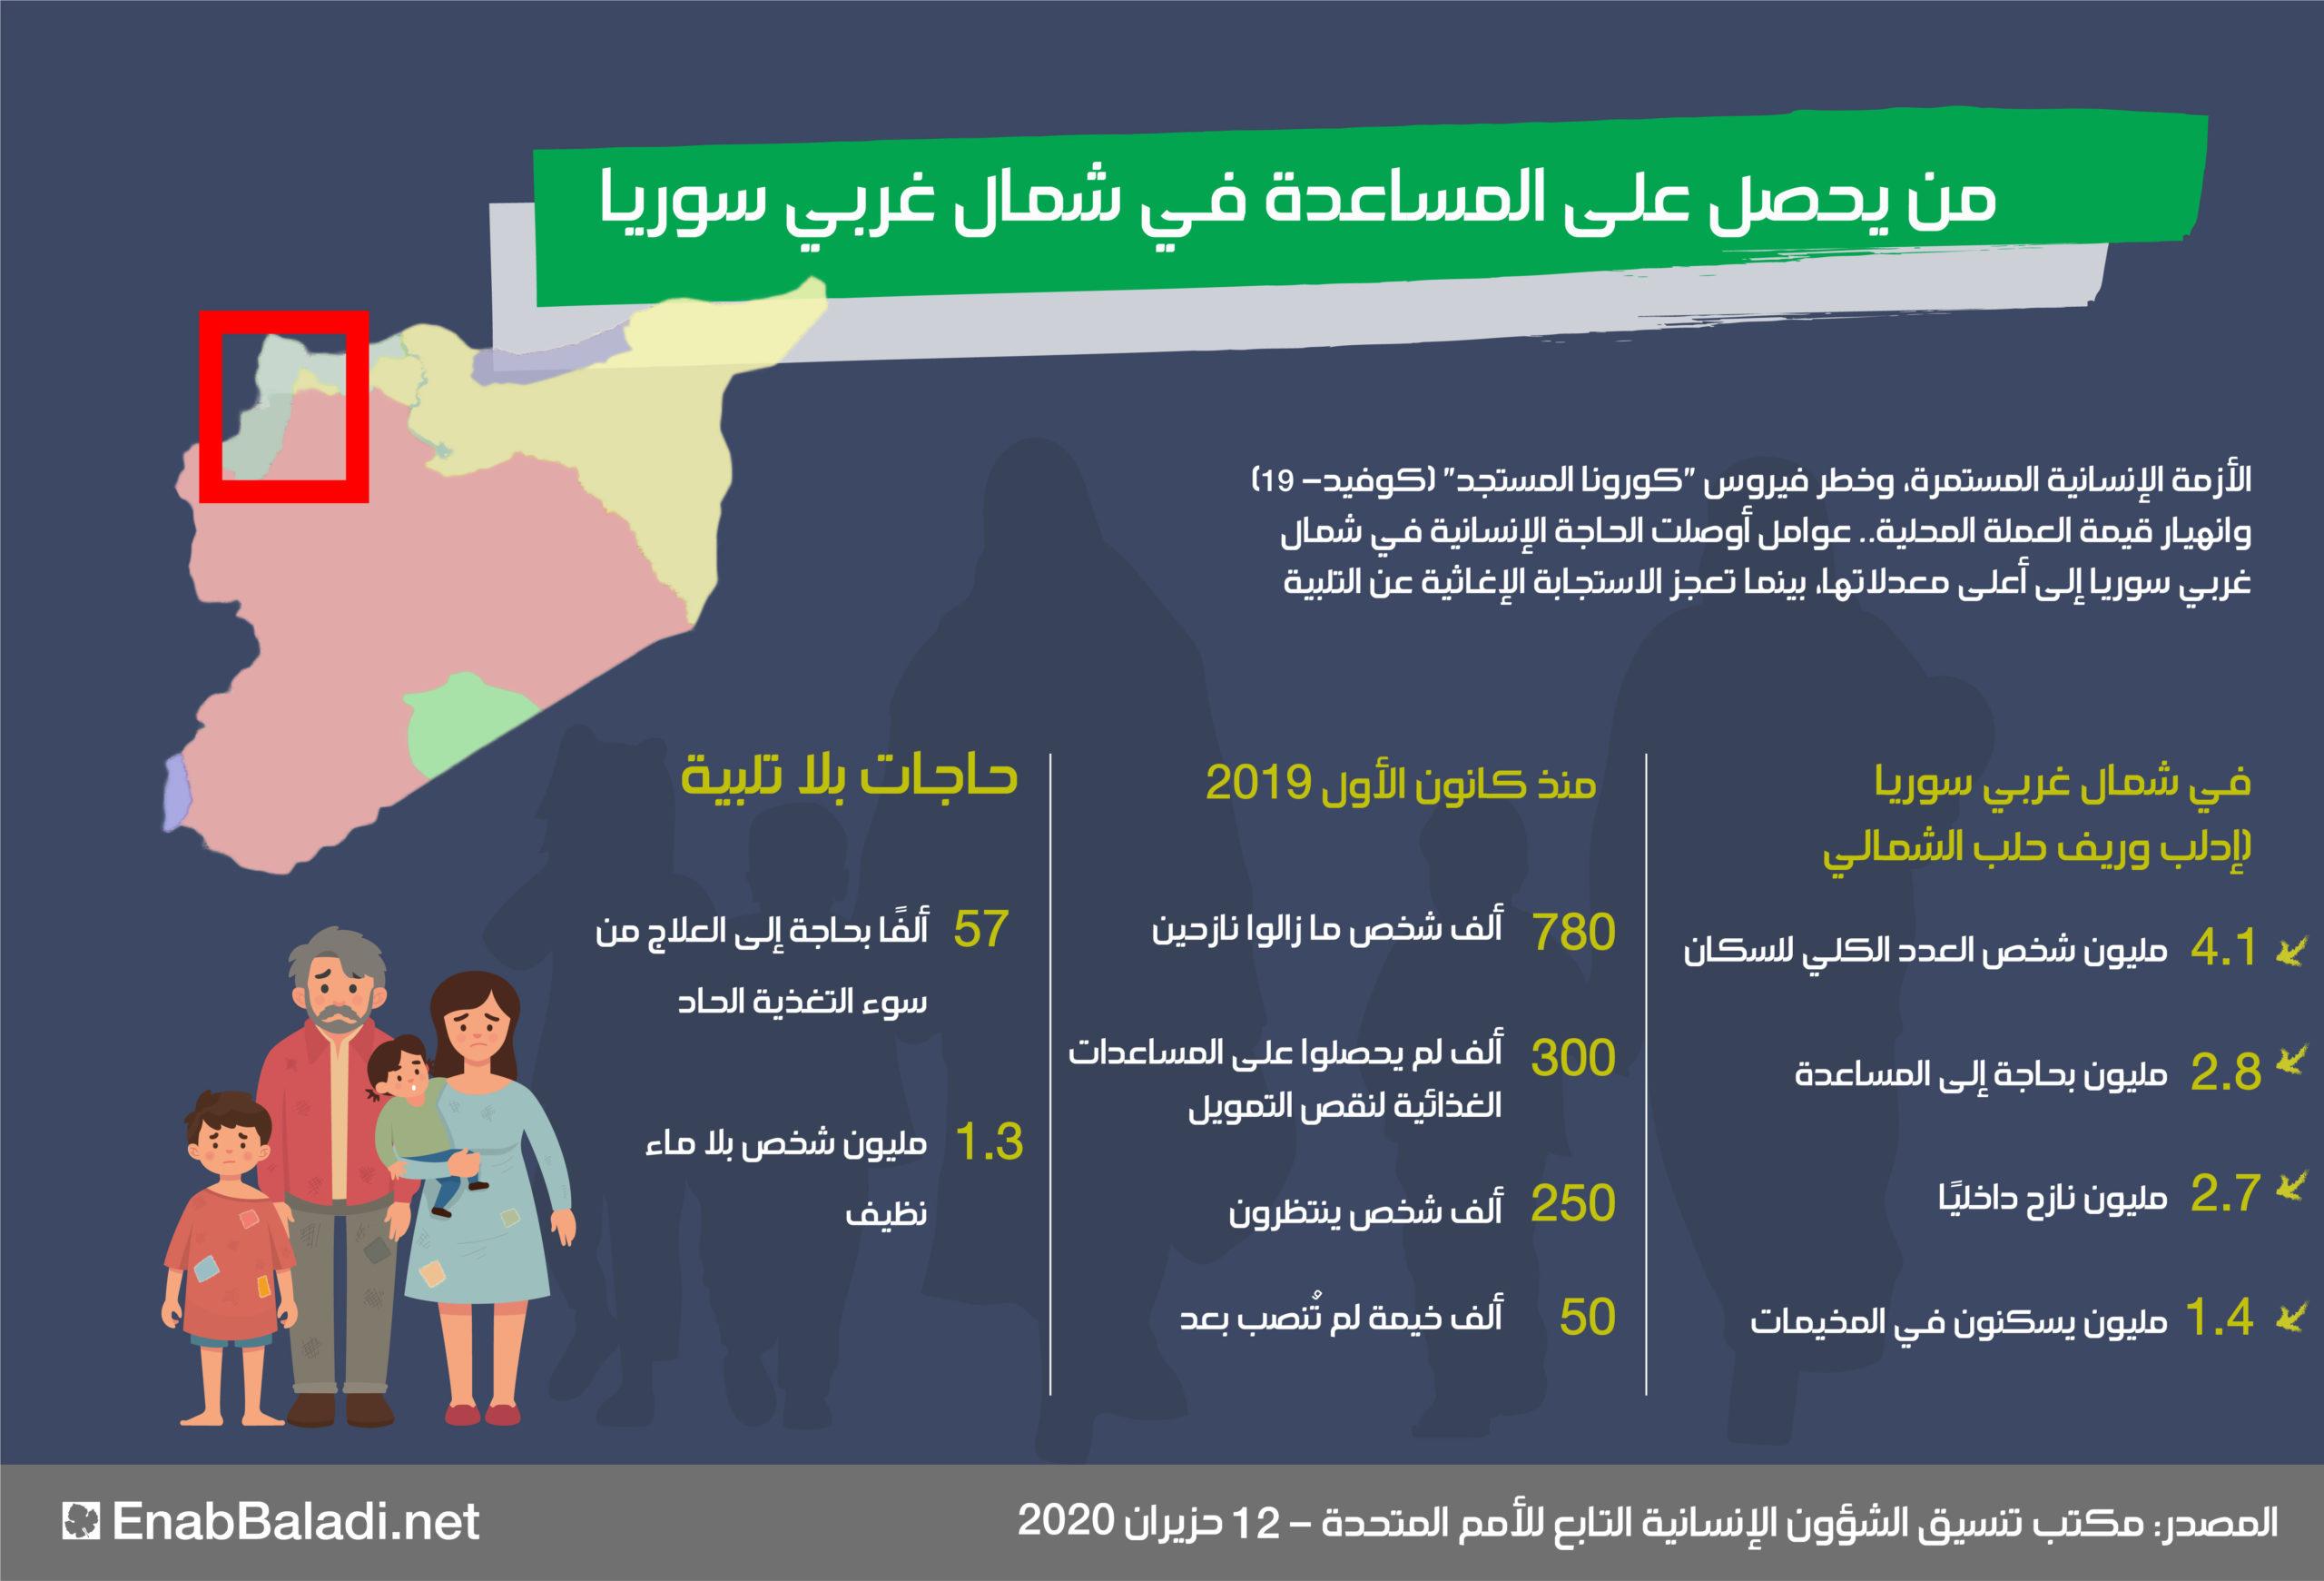 إنفوغراف يوضح من يحصل على المساعدة في شمال غربي سوريا (عنب بلدي)